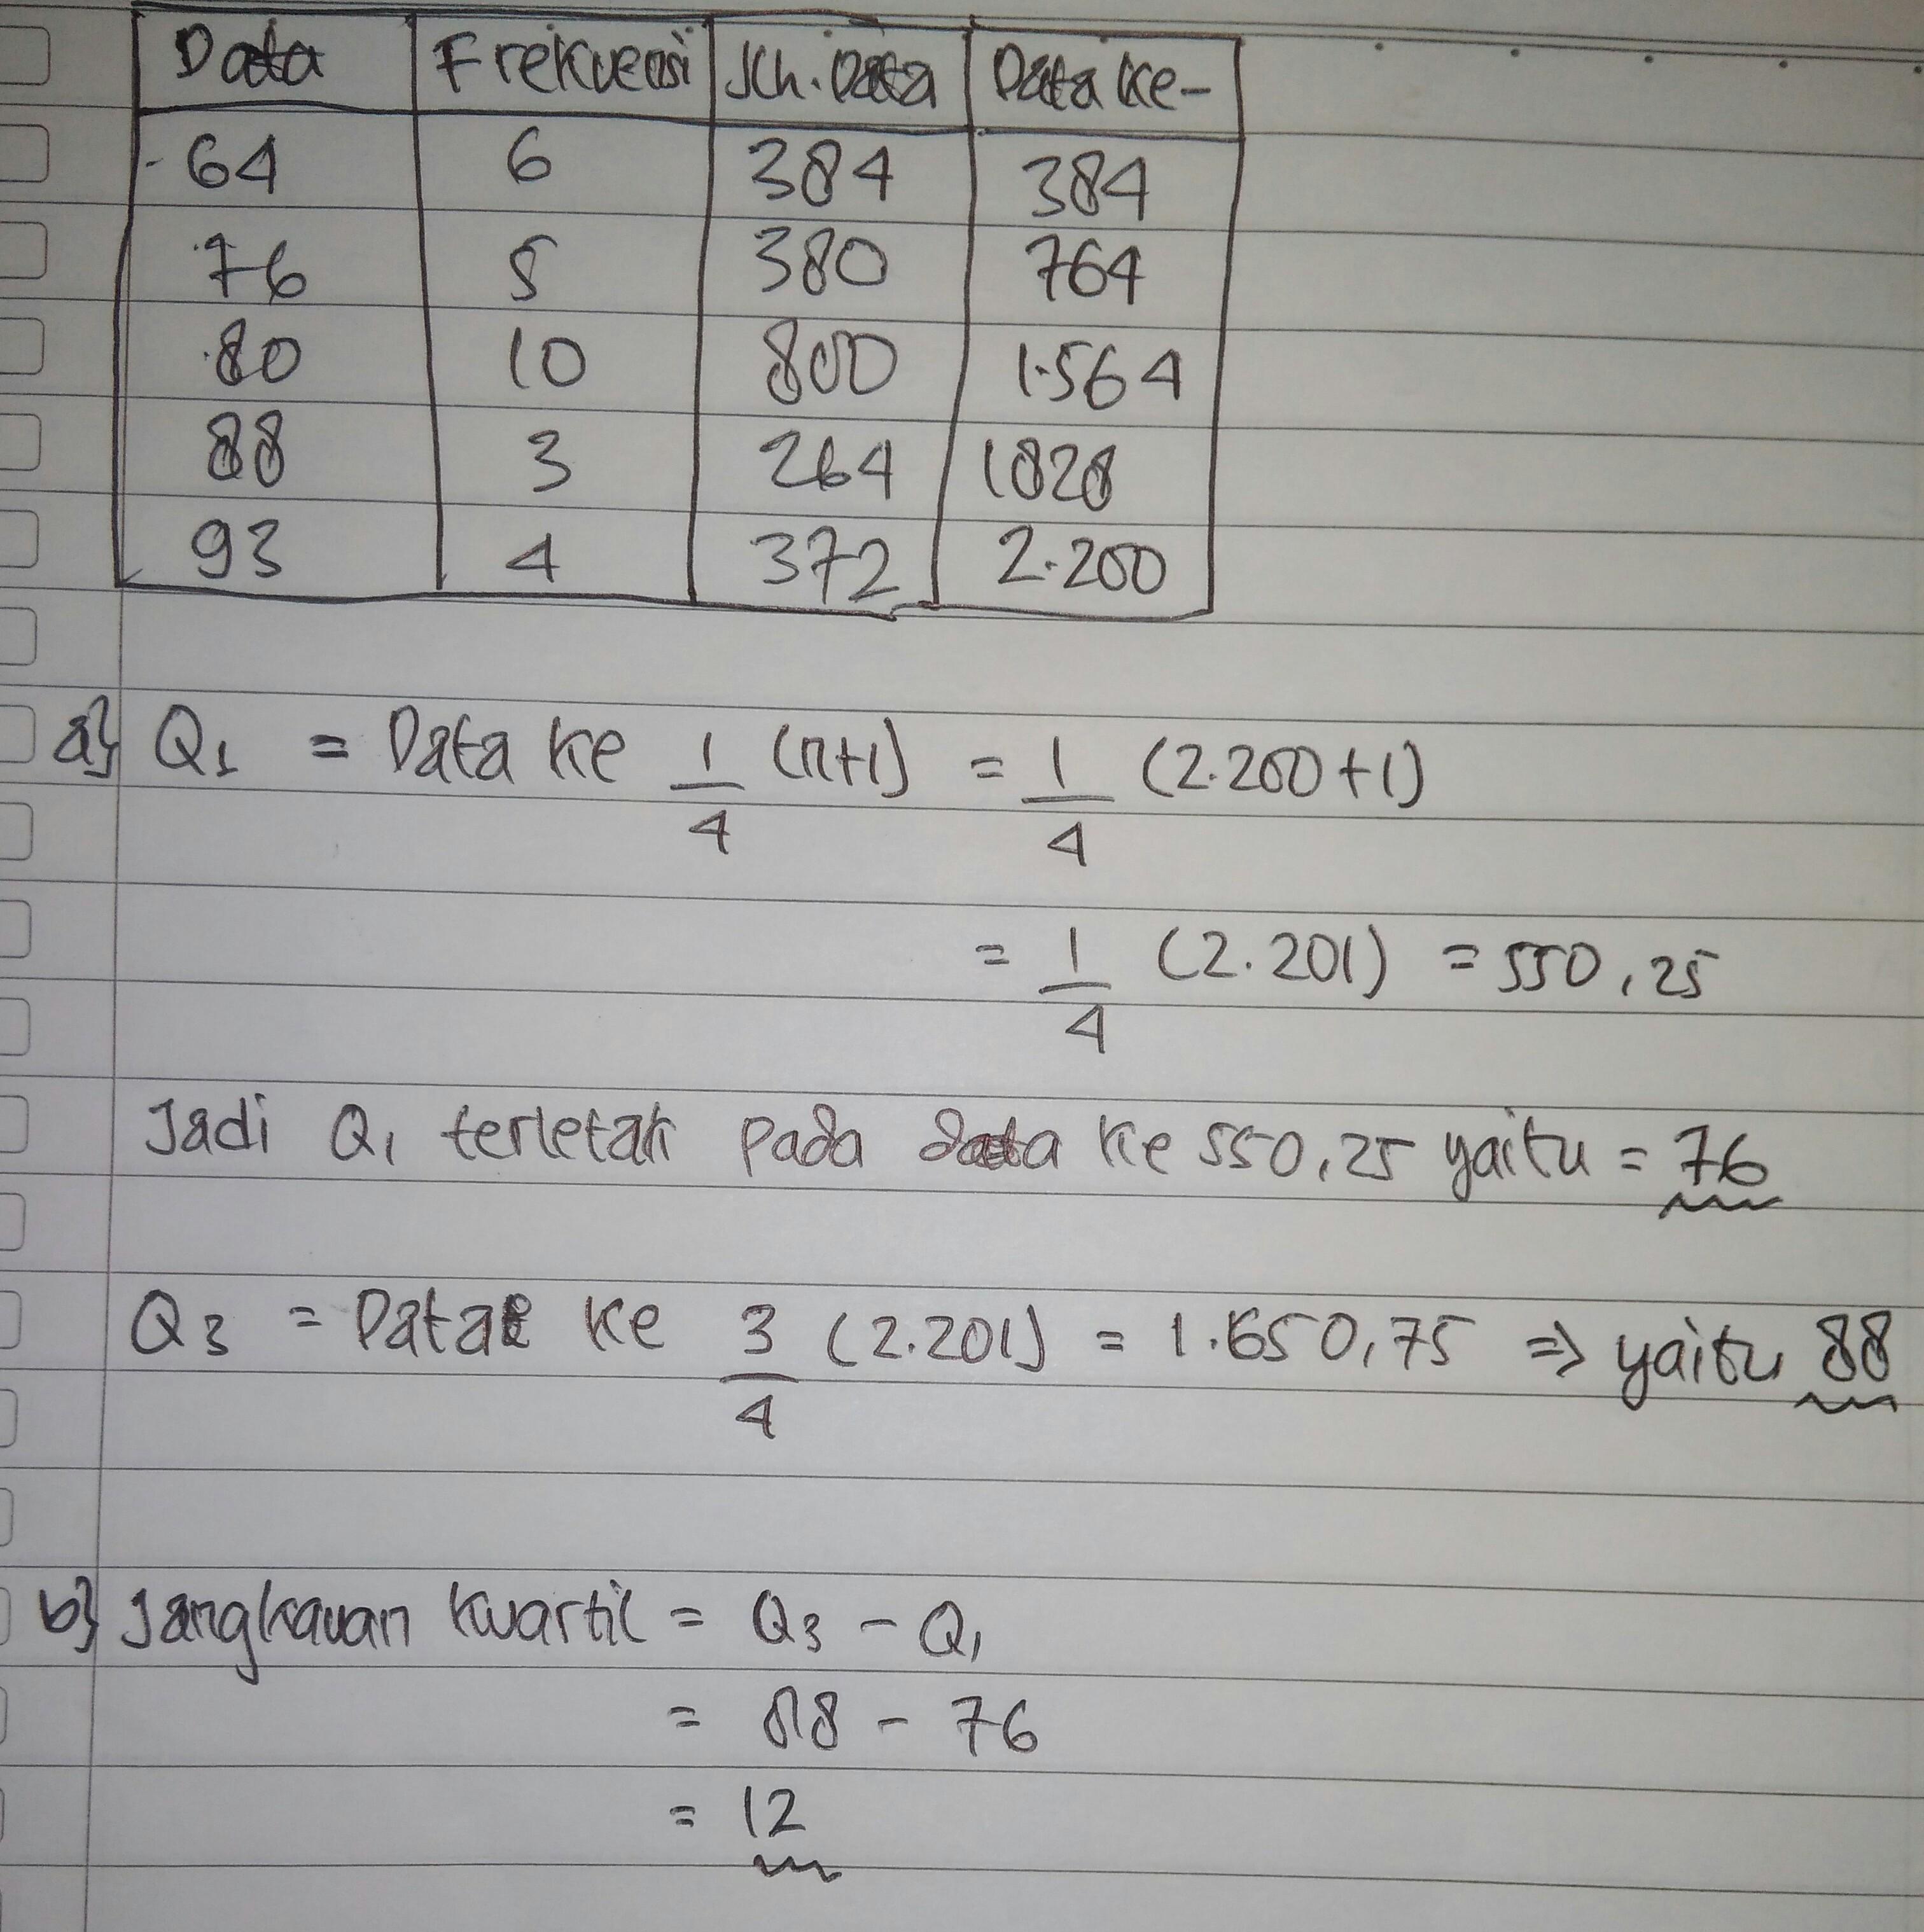 Berikut Ini Diagram Nilai Ulangan Matematika Siswa Kelas ...